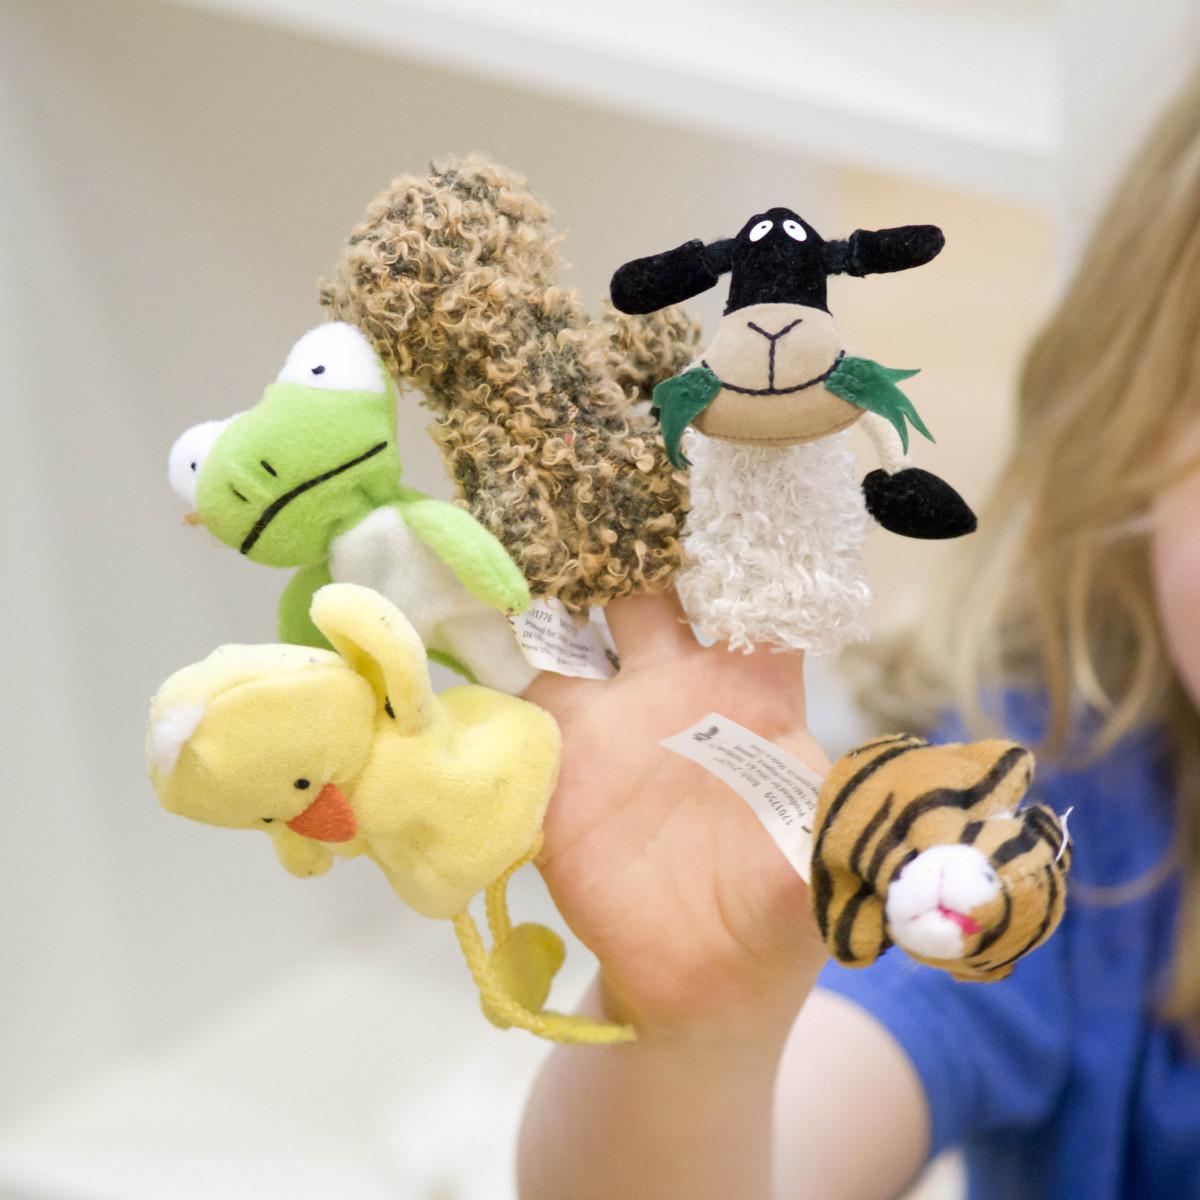 Nursery-settings-Sandra-Sergeant-Schools-Nursery-Photographer-Basingstoke